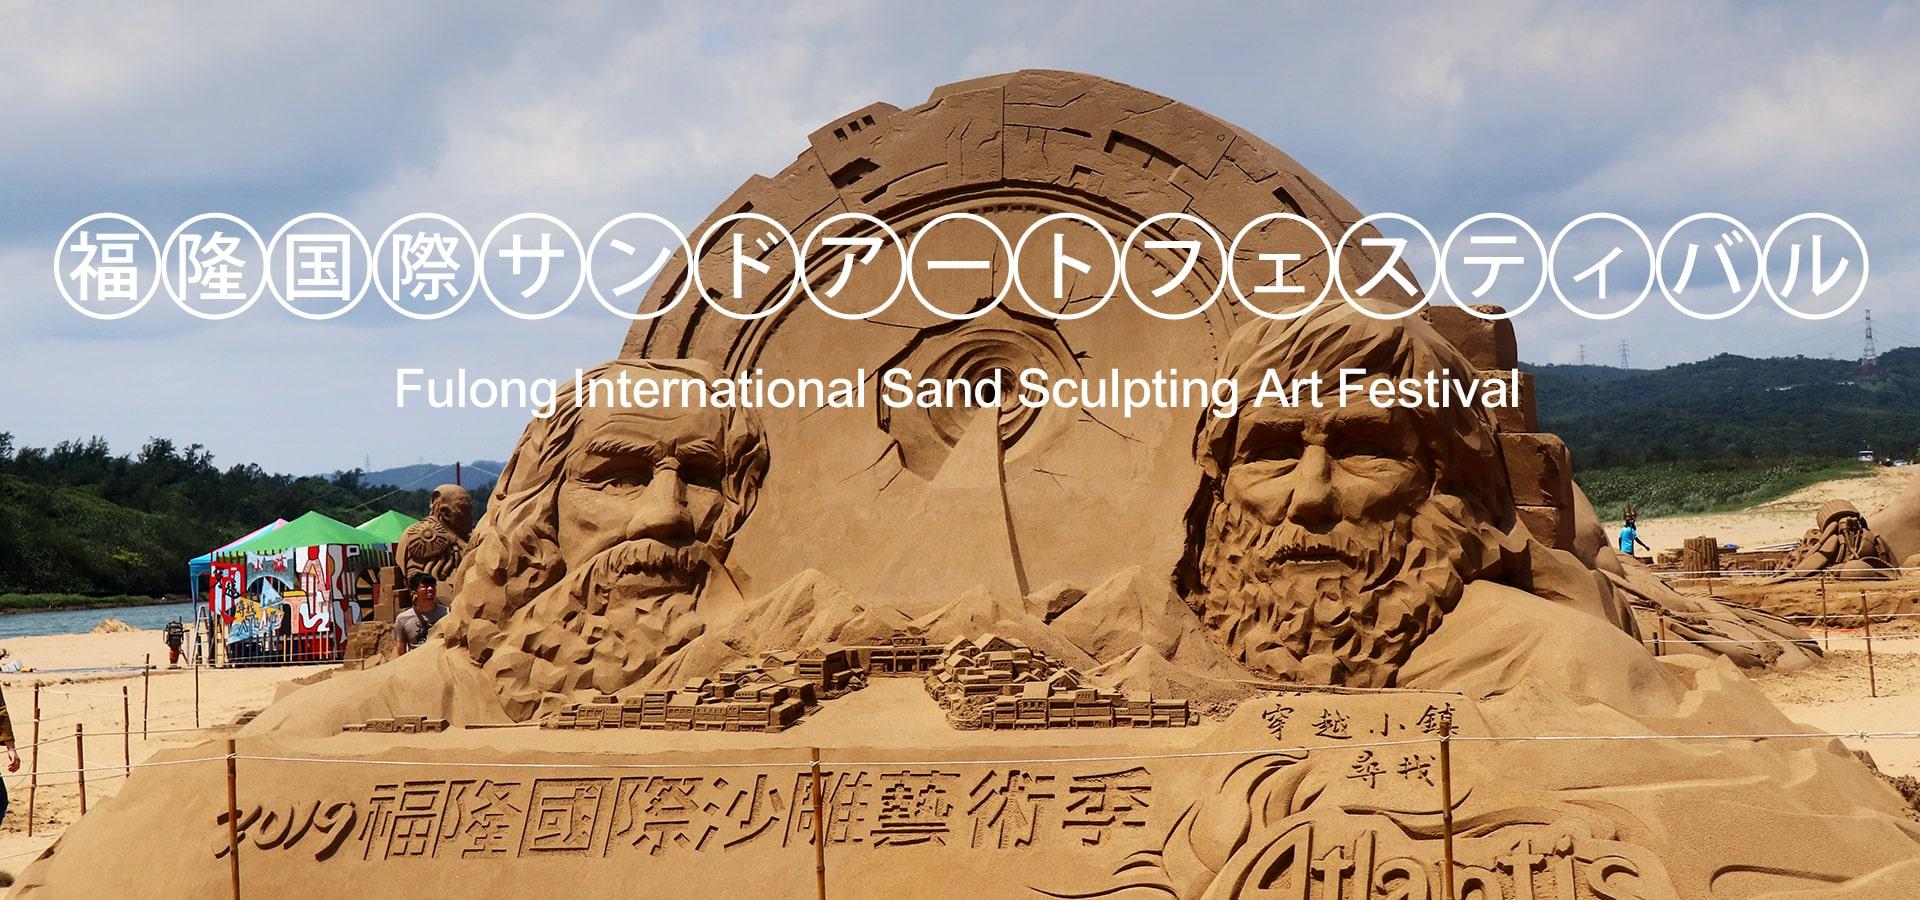 福隆国際サンドアートフェスティバル